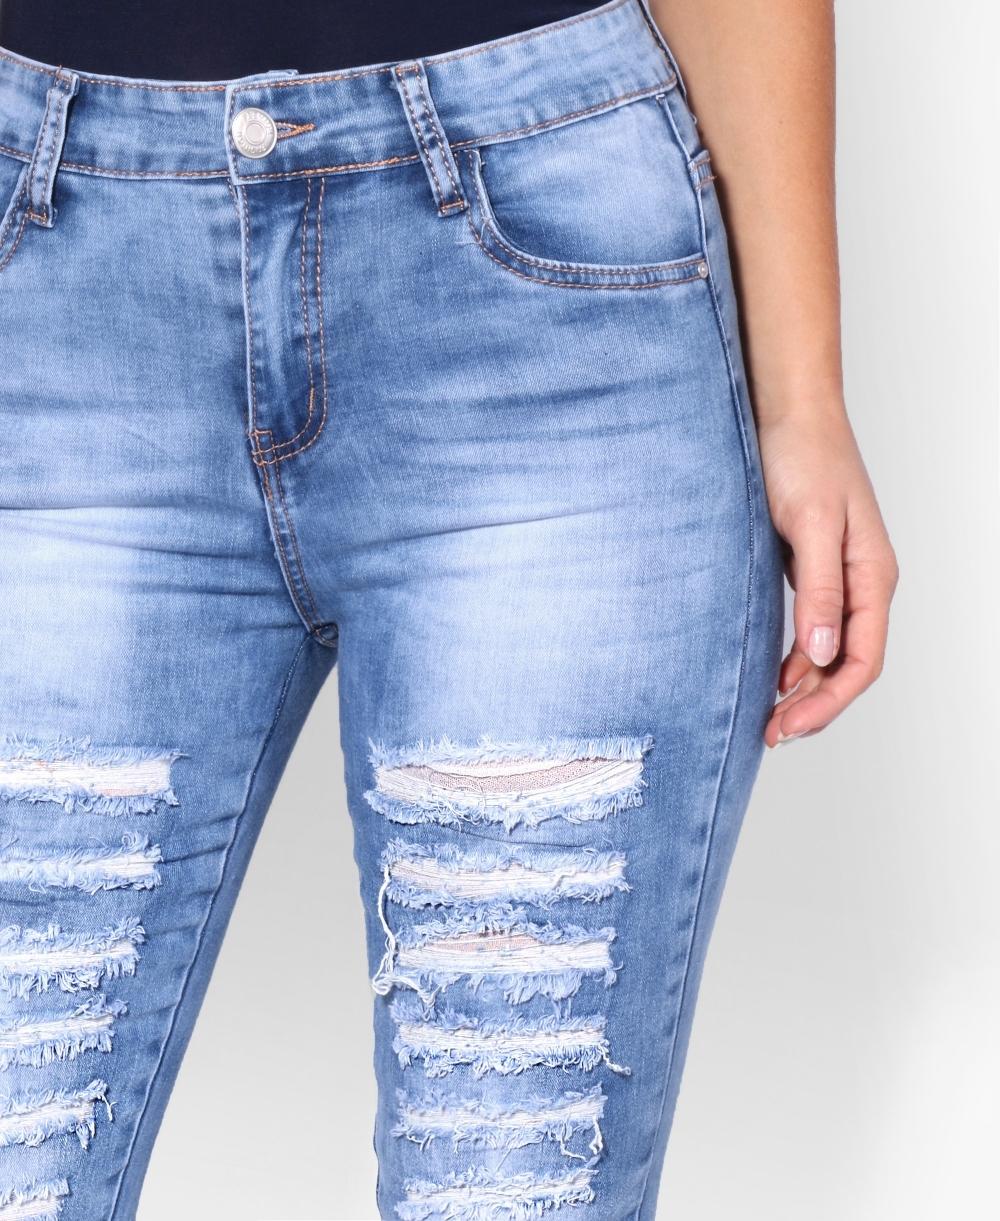 3823b8ab314 Jeans | Ultra-Slim Fit Ripped Jeans | KRISP